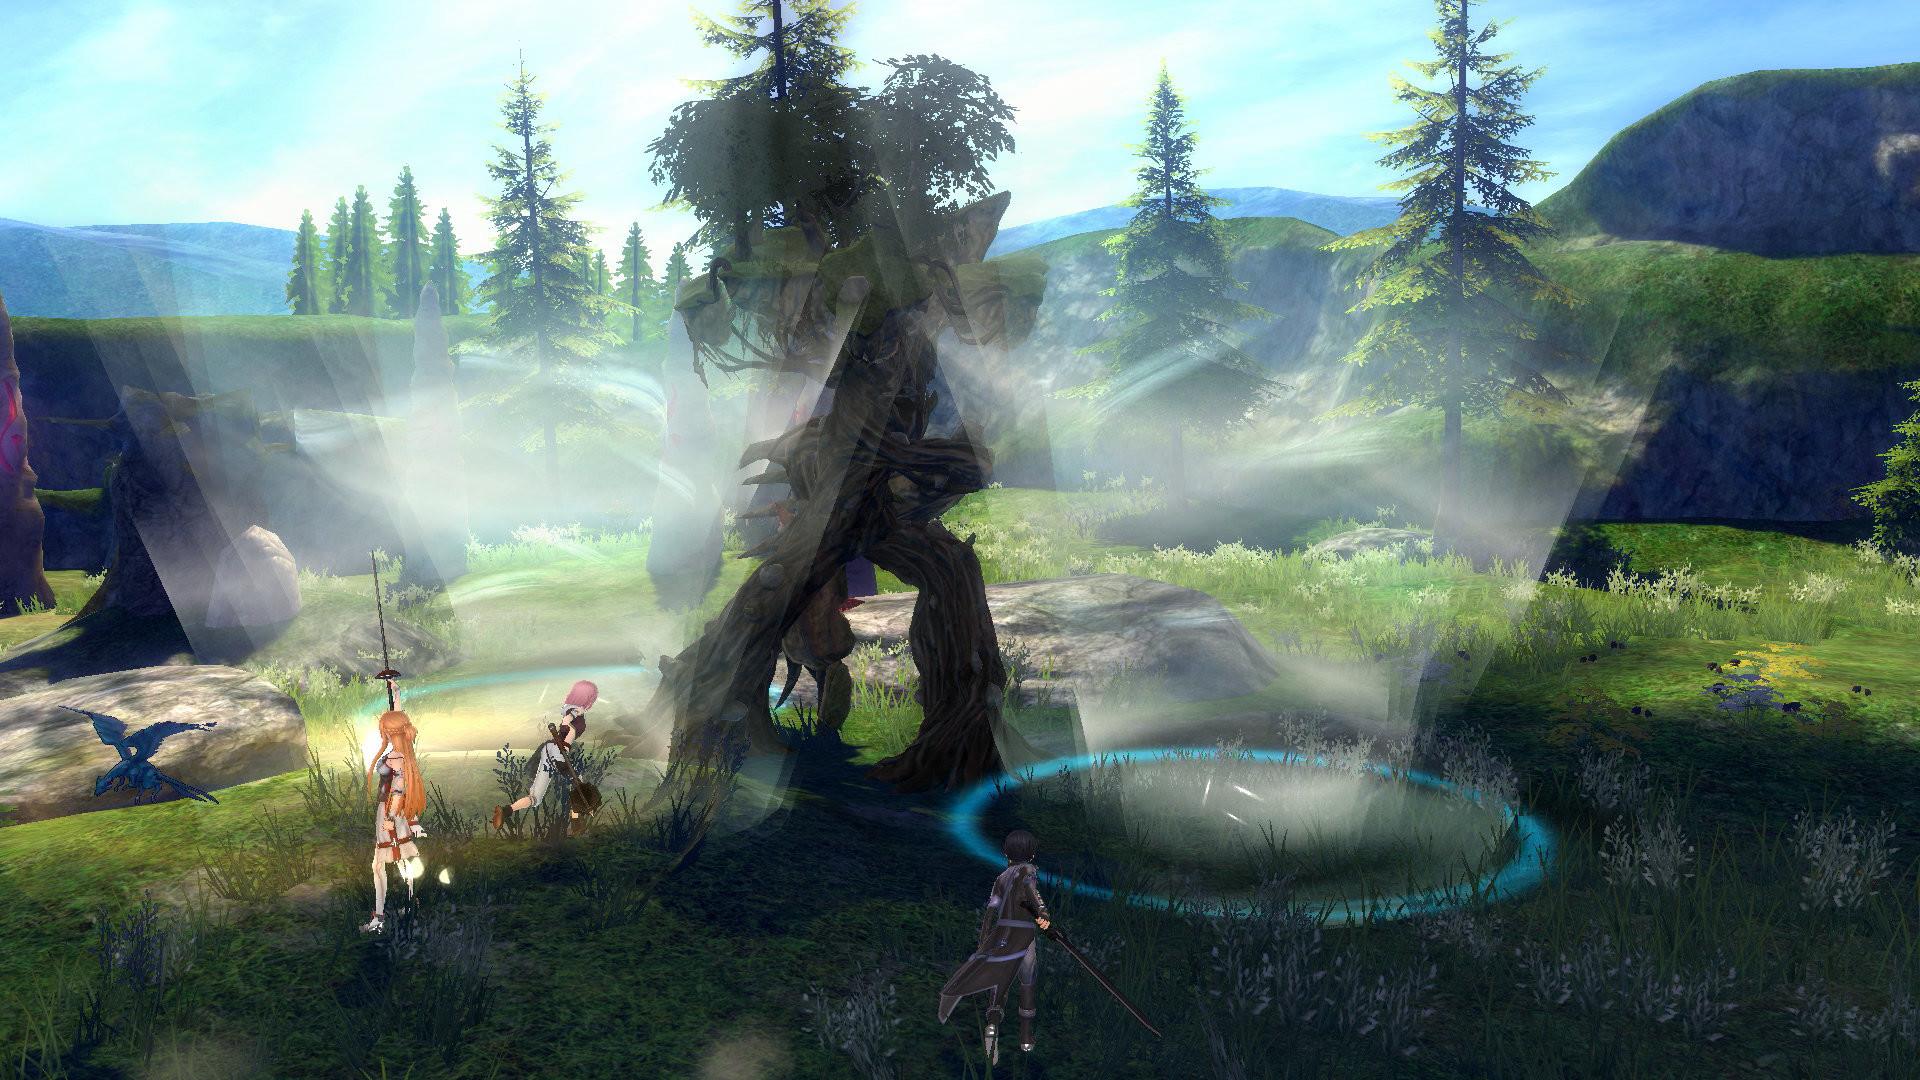 Sword Art Online: Hollow Realization Screenshot 5